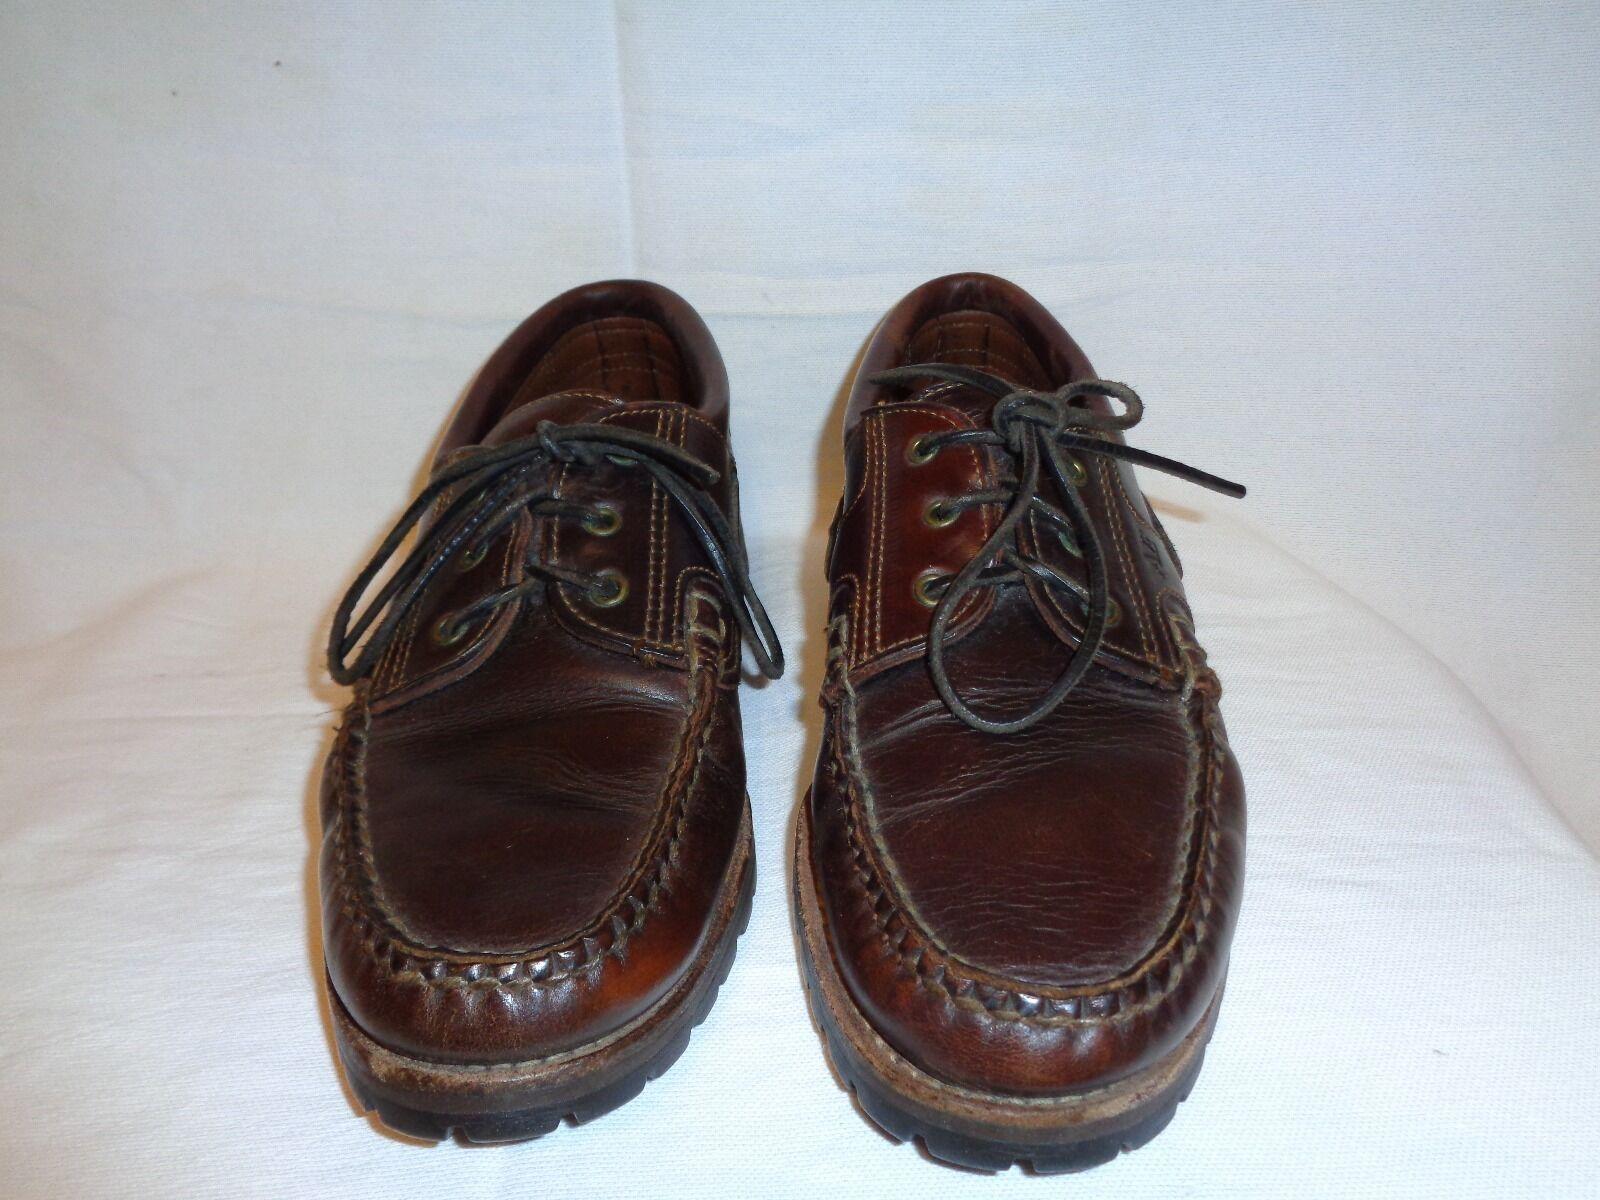 Allen Edmonds Sherwood Brown leather Lace Up shoes Men's Size 9 1 2 B